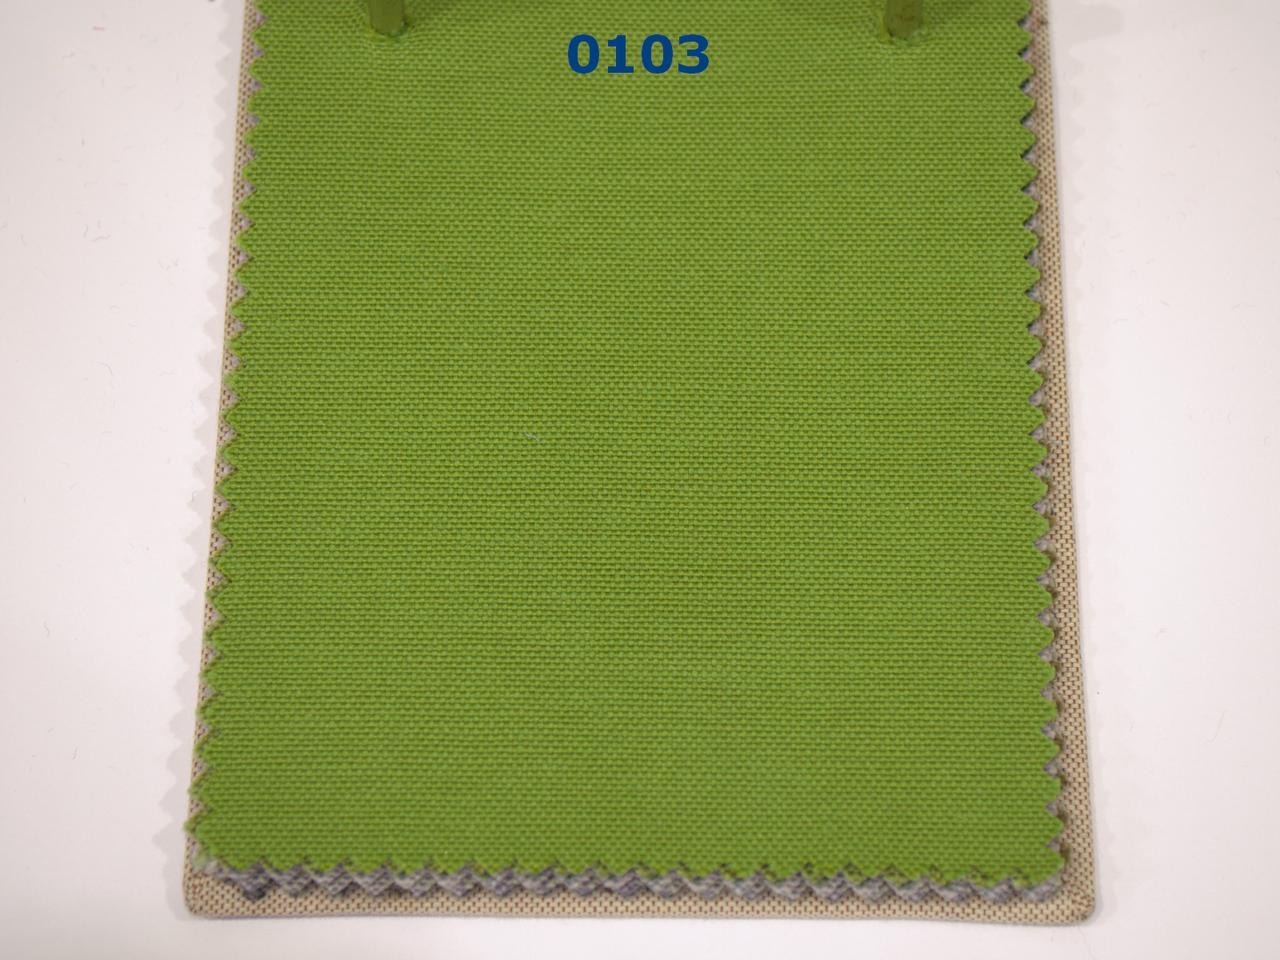 Тканина для Скатертин Зелена Трава з просоченням Тефлон-180 Однотонна Туреччина 180см ширина